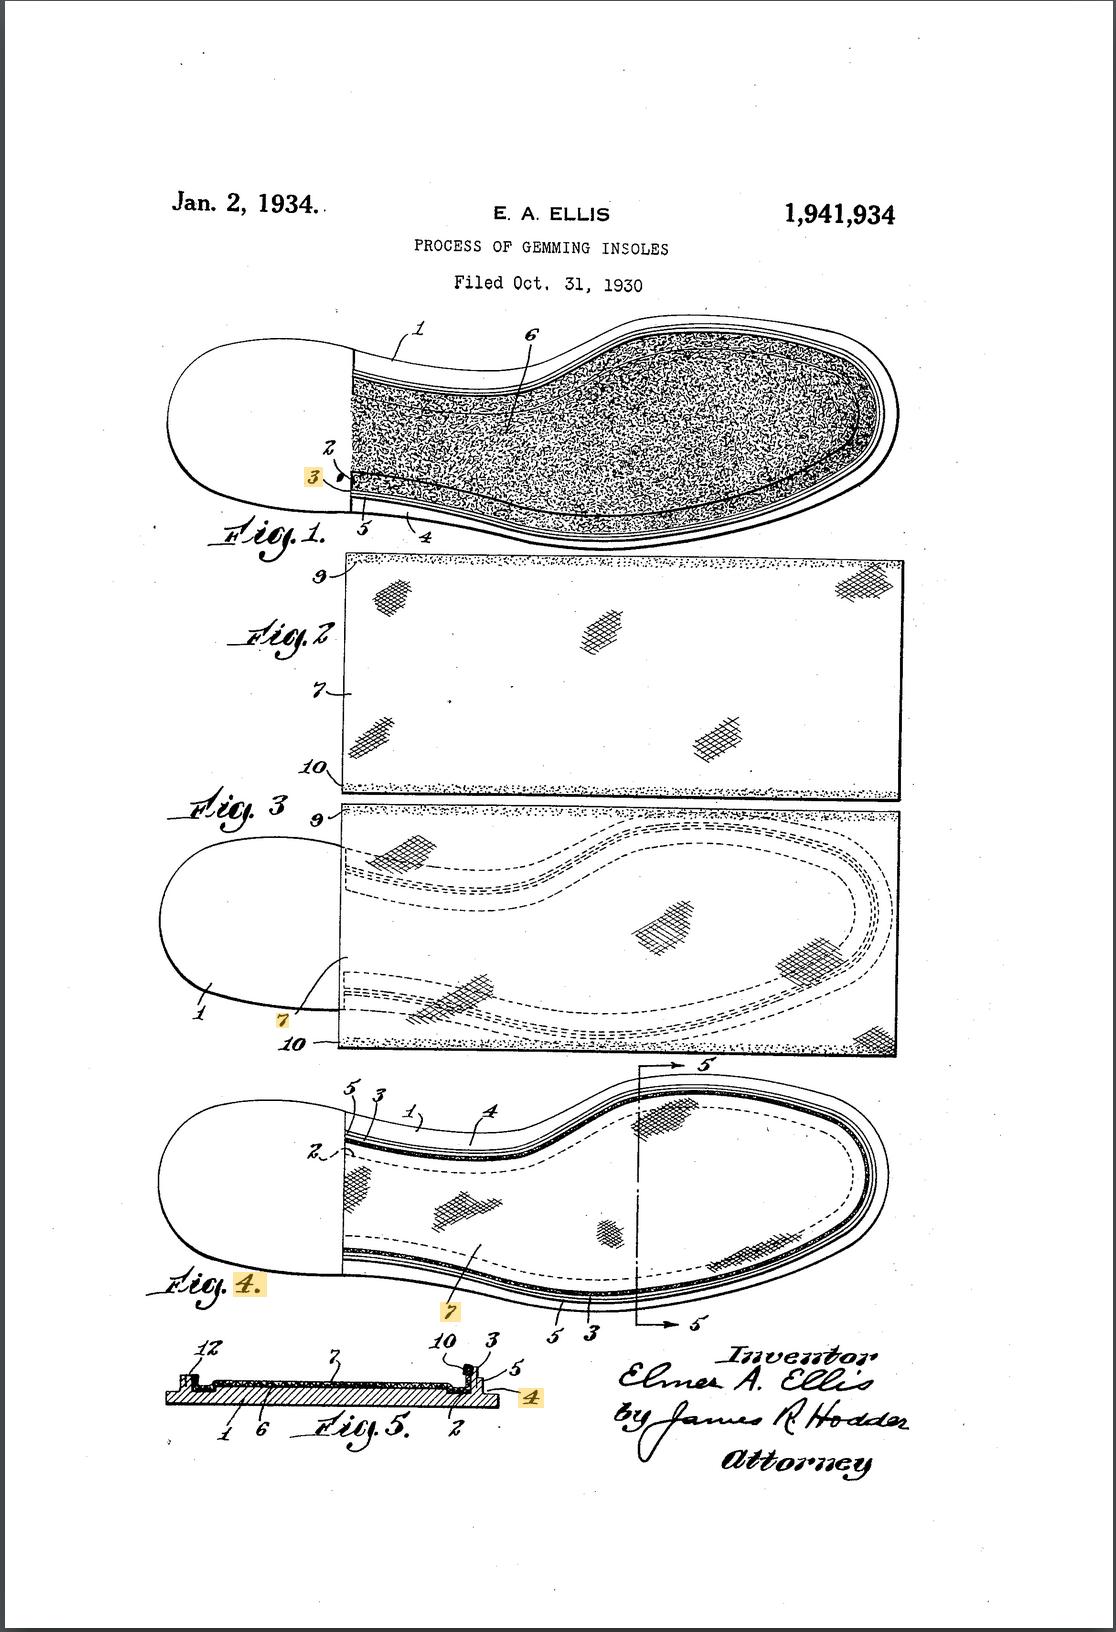 Illustration de l'un des brevets portant sur la pratique du gemming. La première image présente le mur gravé, la seconde le morceau de tissu qui va servir à l'entoilage, la troisième présente la superposition des deux et enfin la dernière présente le résultat une fois l'excès de tissu enlevé. (Source : googlepatent)